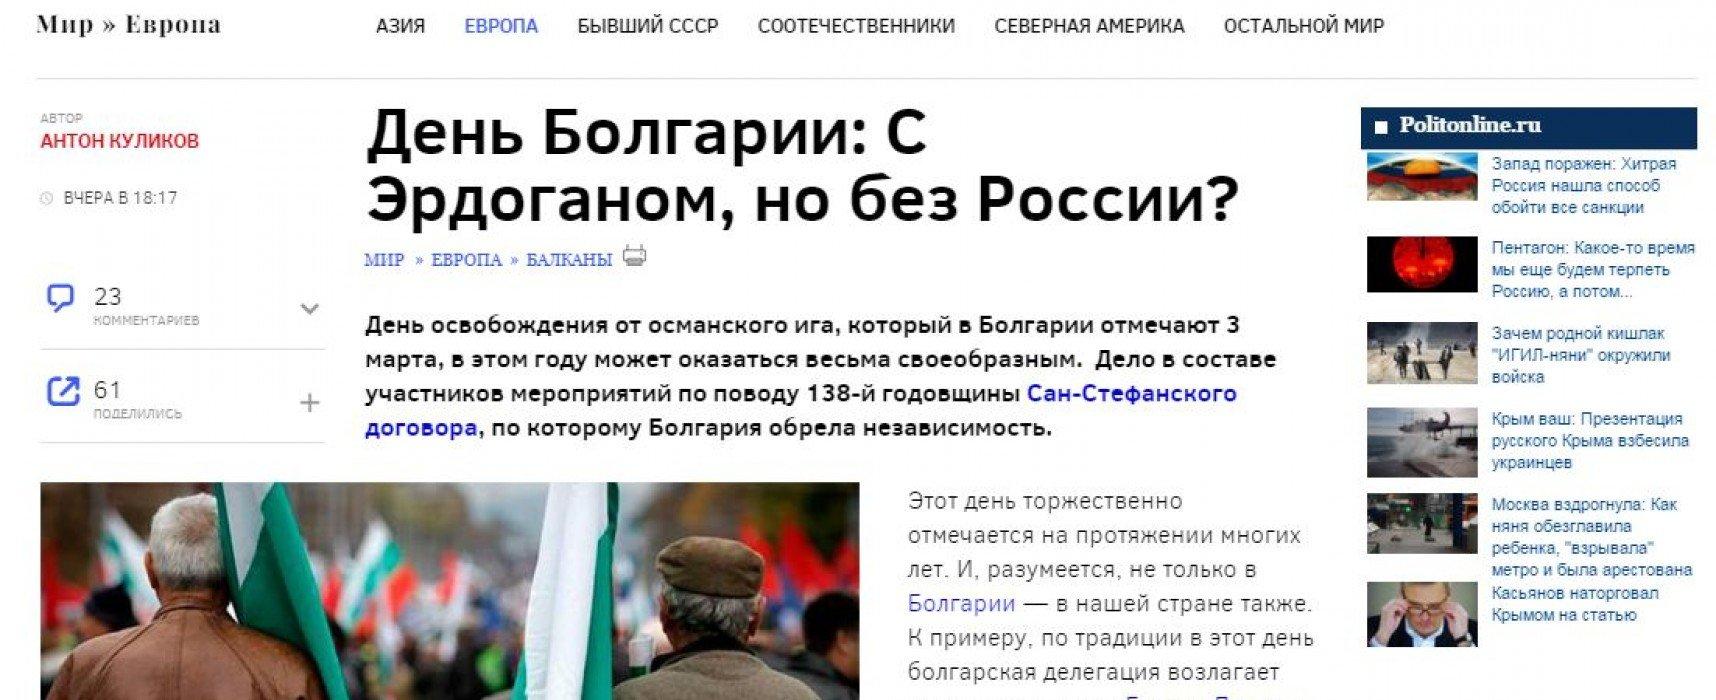 Фейк: Болгария вместо Путина пригласила Эрдогана на День освободжения от турецкого ига